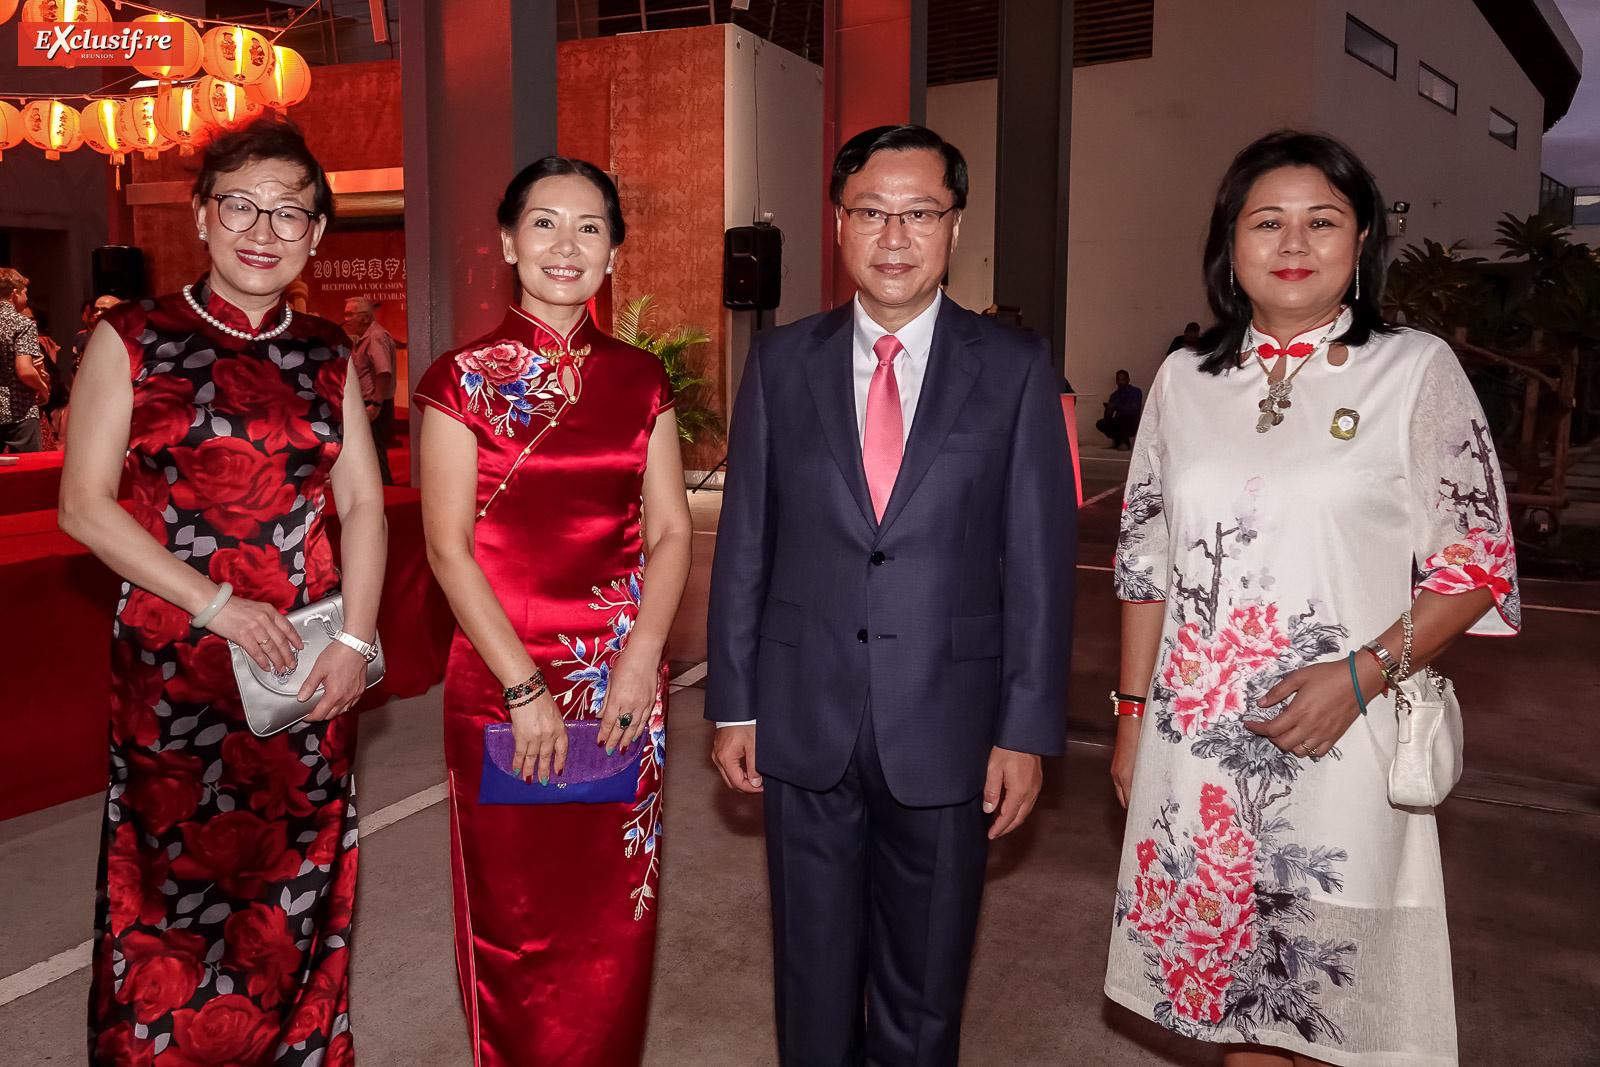 Yang Qing, vice-consule générale de Chine à La Réunion, Dong Zhijiao, son époux Chen Zhihong, Consul Général de la République populaire de Chine à La Réunion,  et Lynda Lee-Mow-Sim, conseillère régionale, déléguée à la coopération régionale et internationale